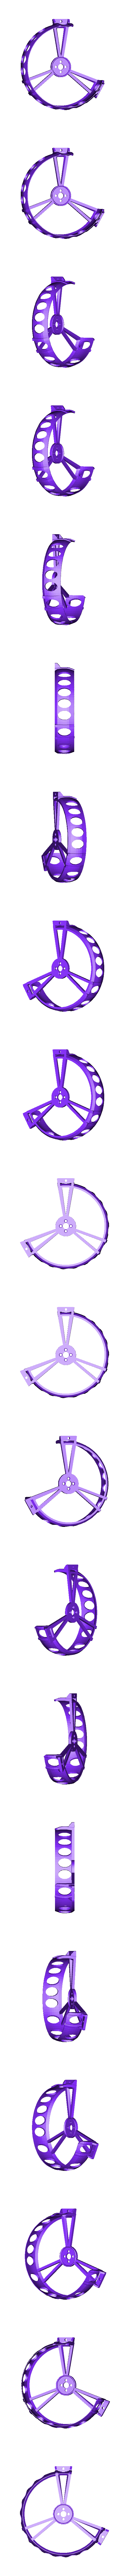 duct_057_LR.stl Télécharger fichier STL gratuit Micro quadrocoptère - Semi-conduits interchangeables - Châssis en Beecheese V11 • Modèle pour imprimante 3D, noctaro